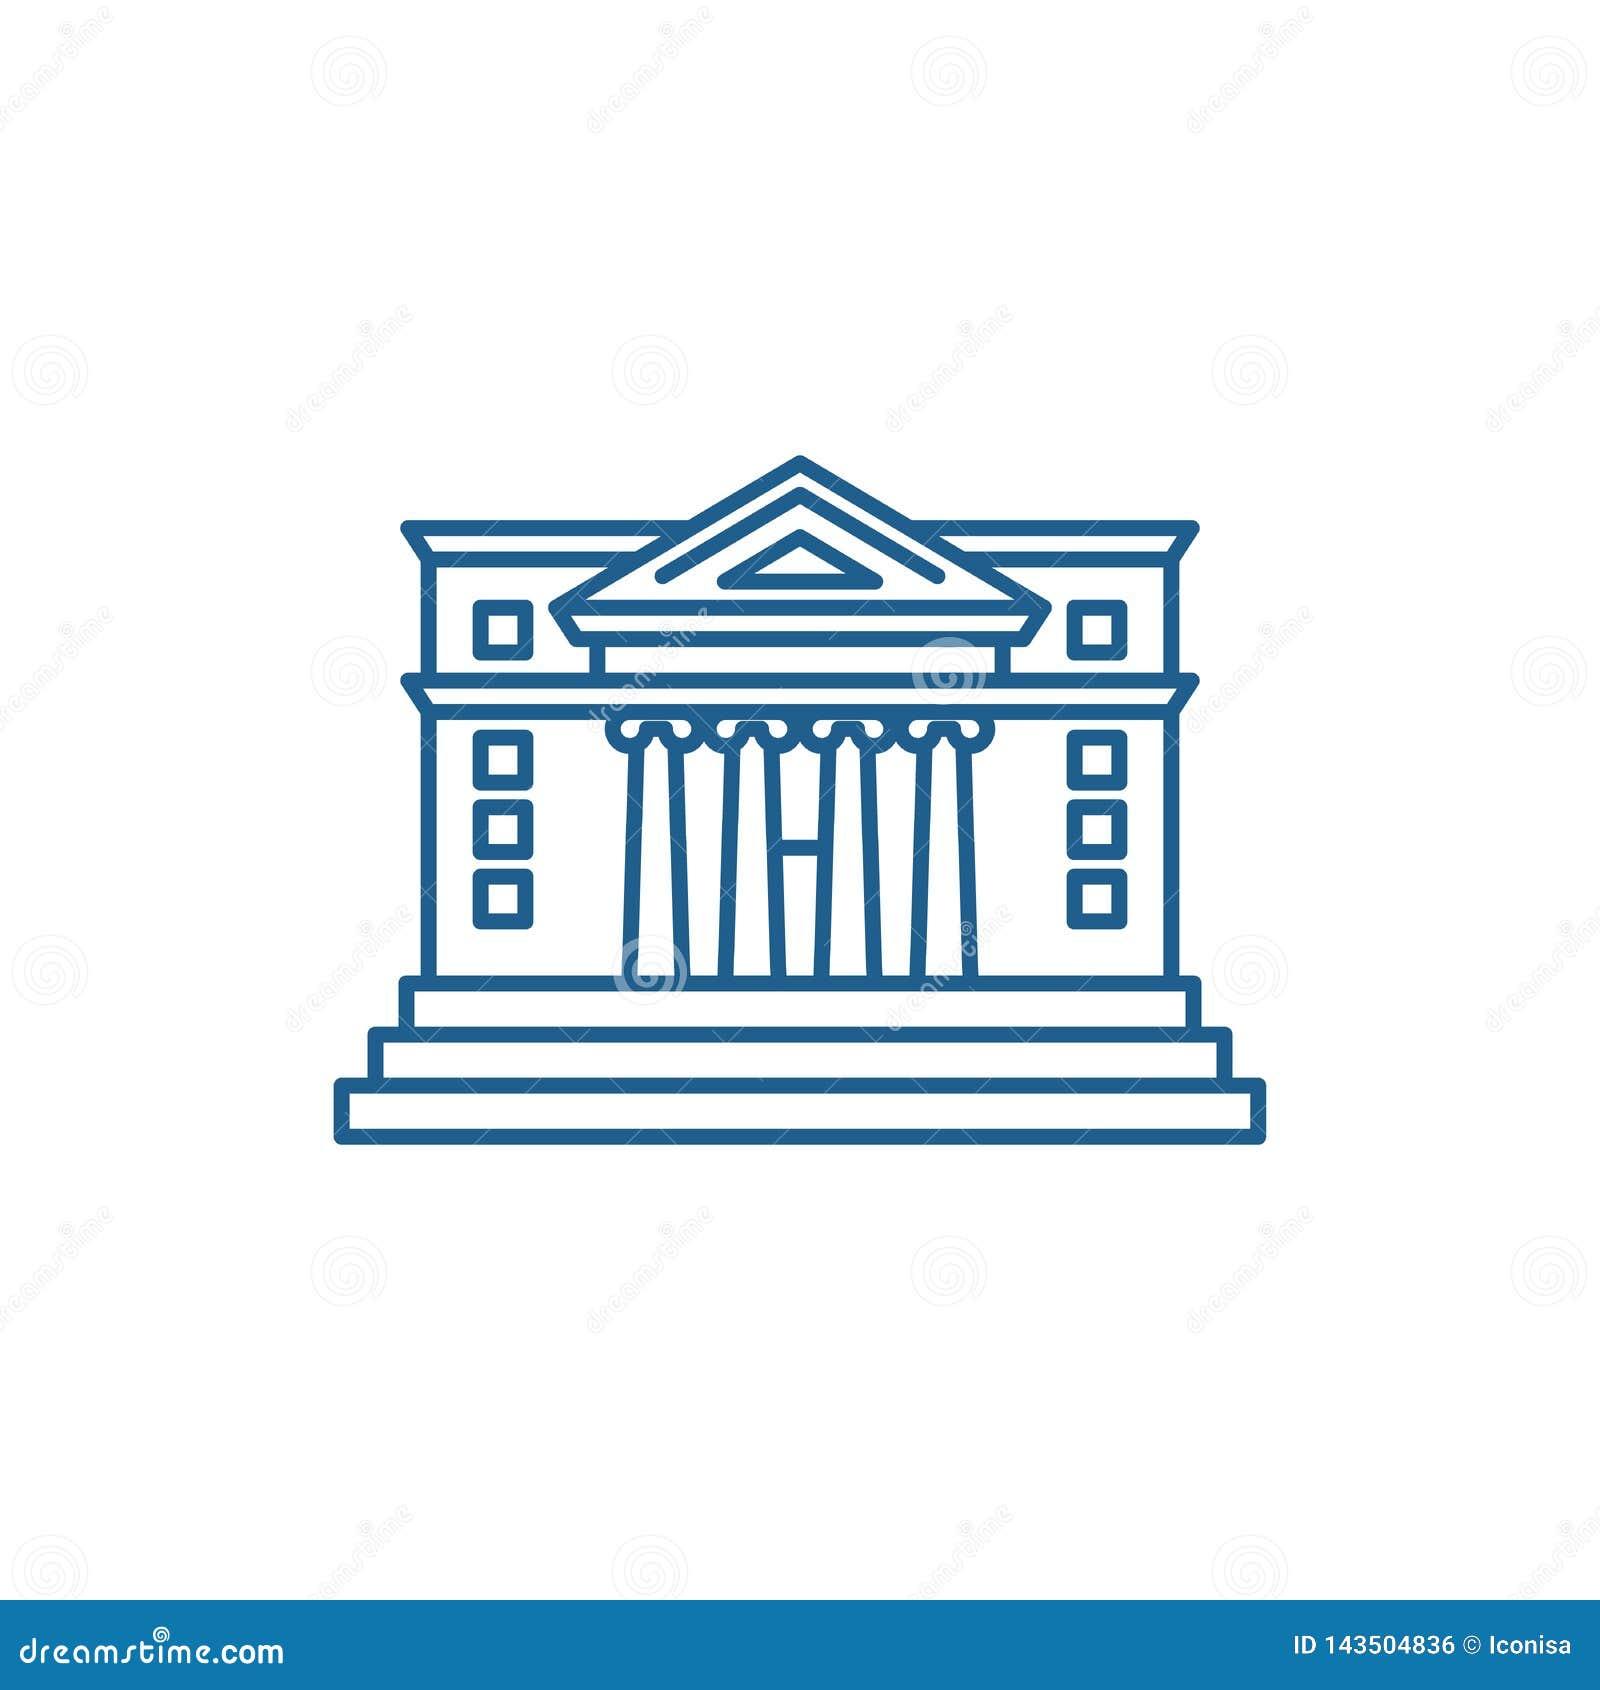 Stadshuslinje symbolsbegrepp Plant vektorsymbol för stadshus, tecken, översiktsillustration